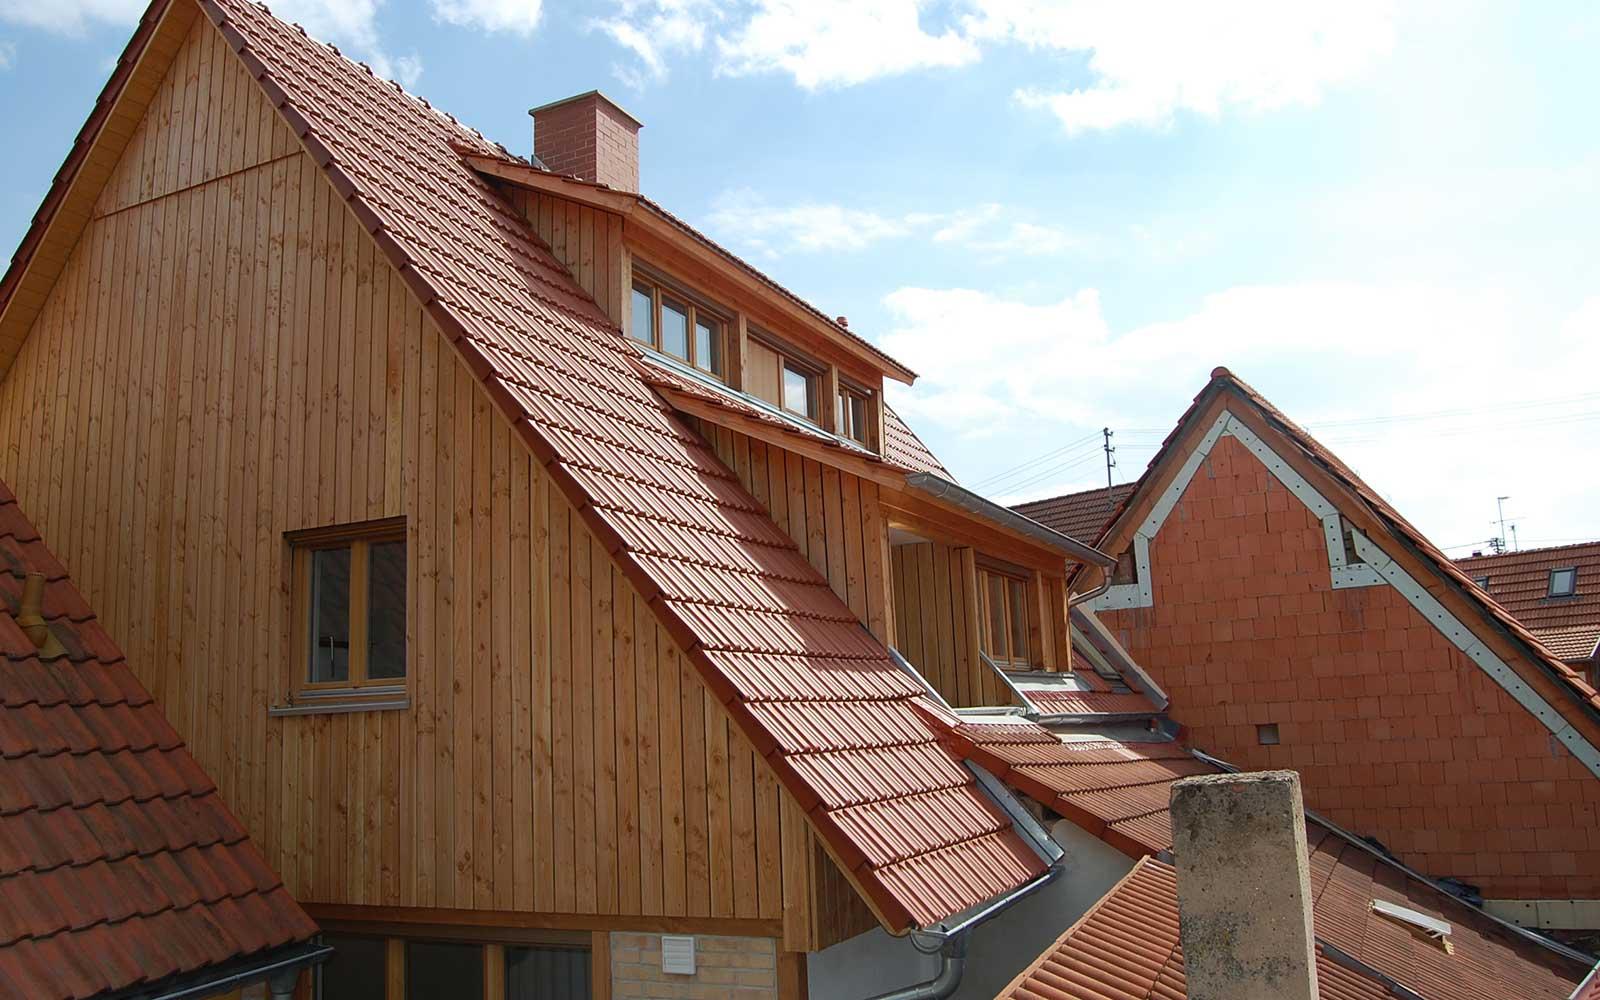 Scheunenausbau in Heidelberg Handschuhsheim, Kochhan und Weckbach Architekten